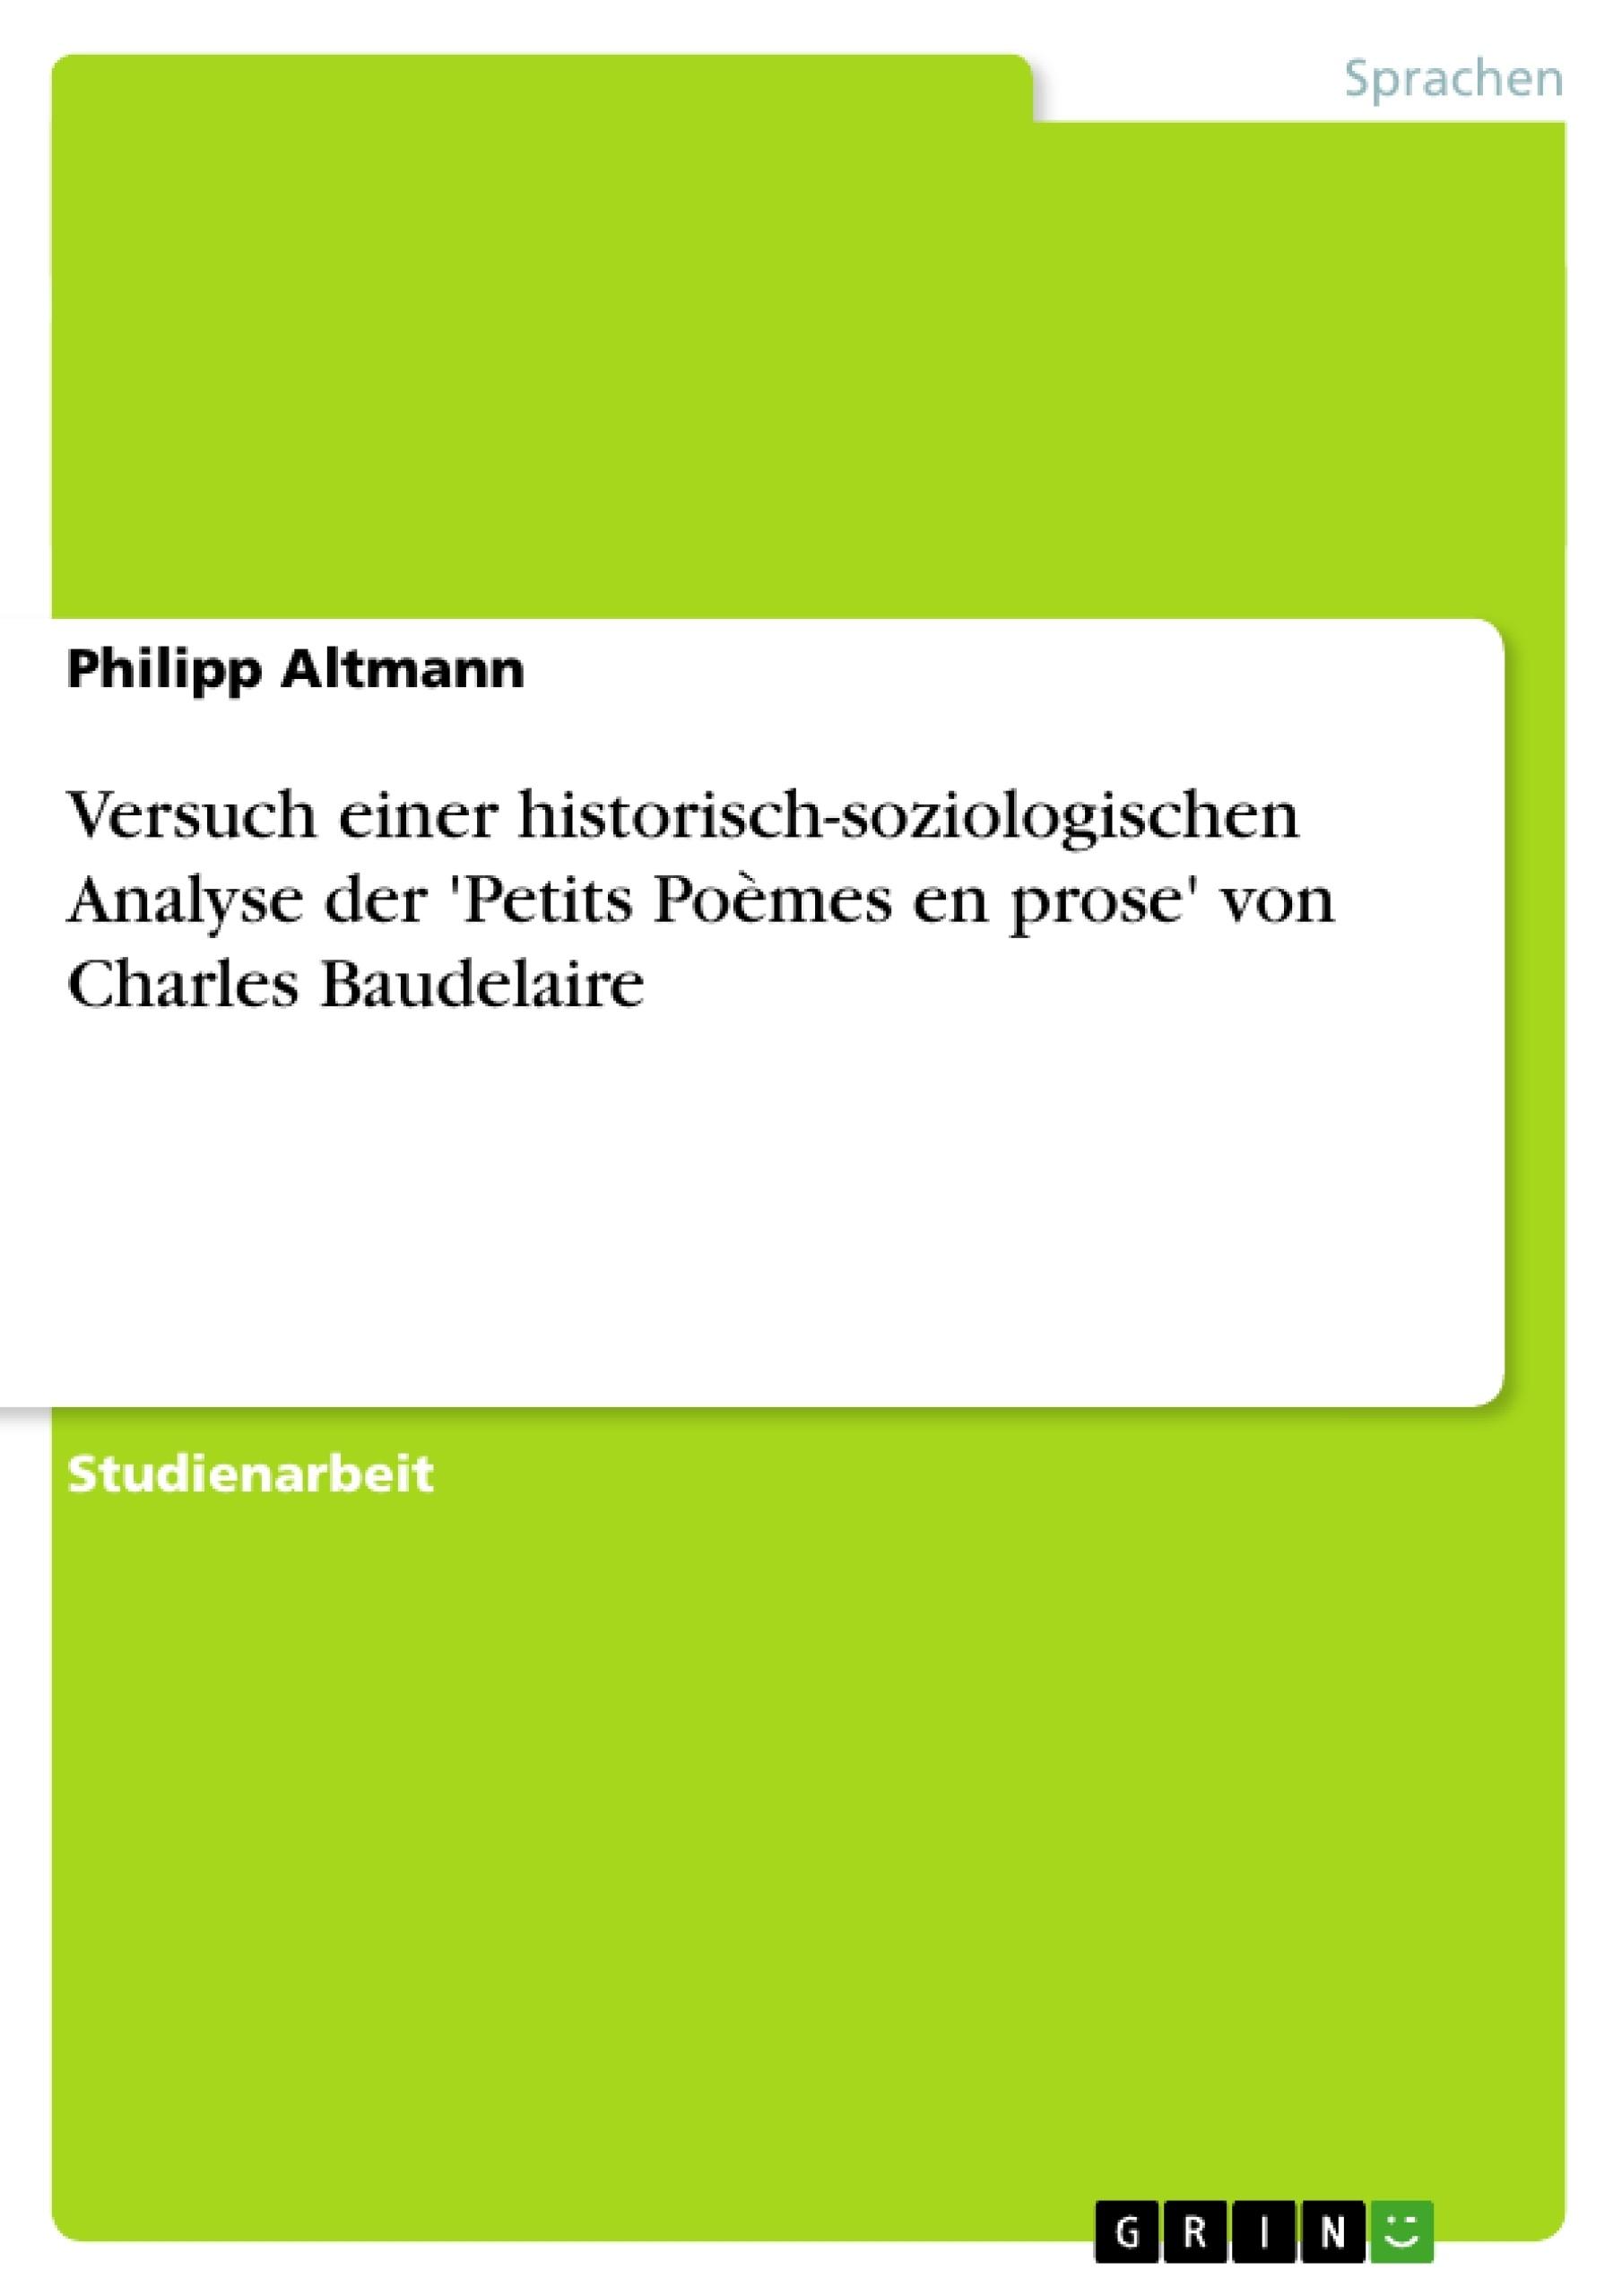 Titel: Versuch einer historisch-soziologischen Analyse der 'Petits Poèmes en prose' von Charles Baudelaire